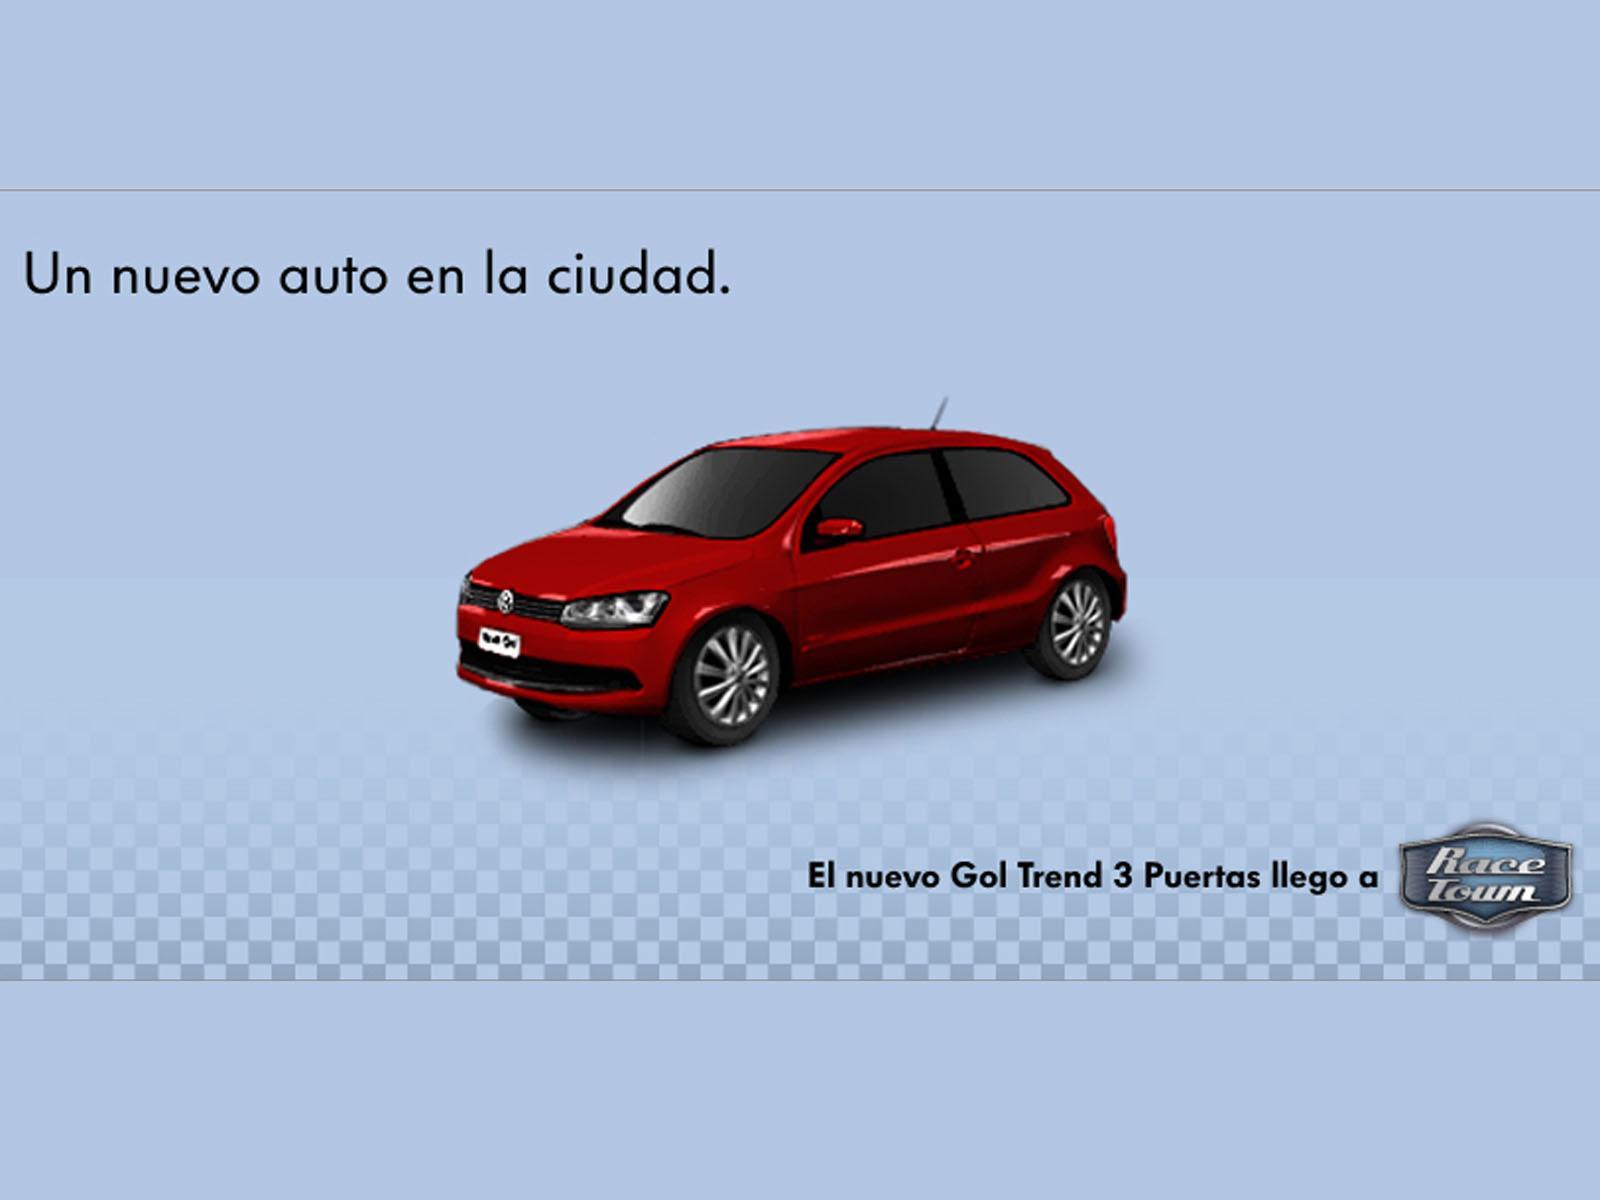 Volkswagen presenta el nuevo Gol Trend 3 puertas en Argentina